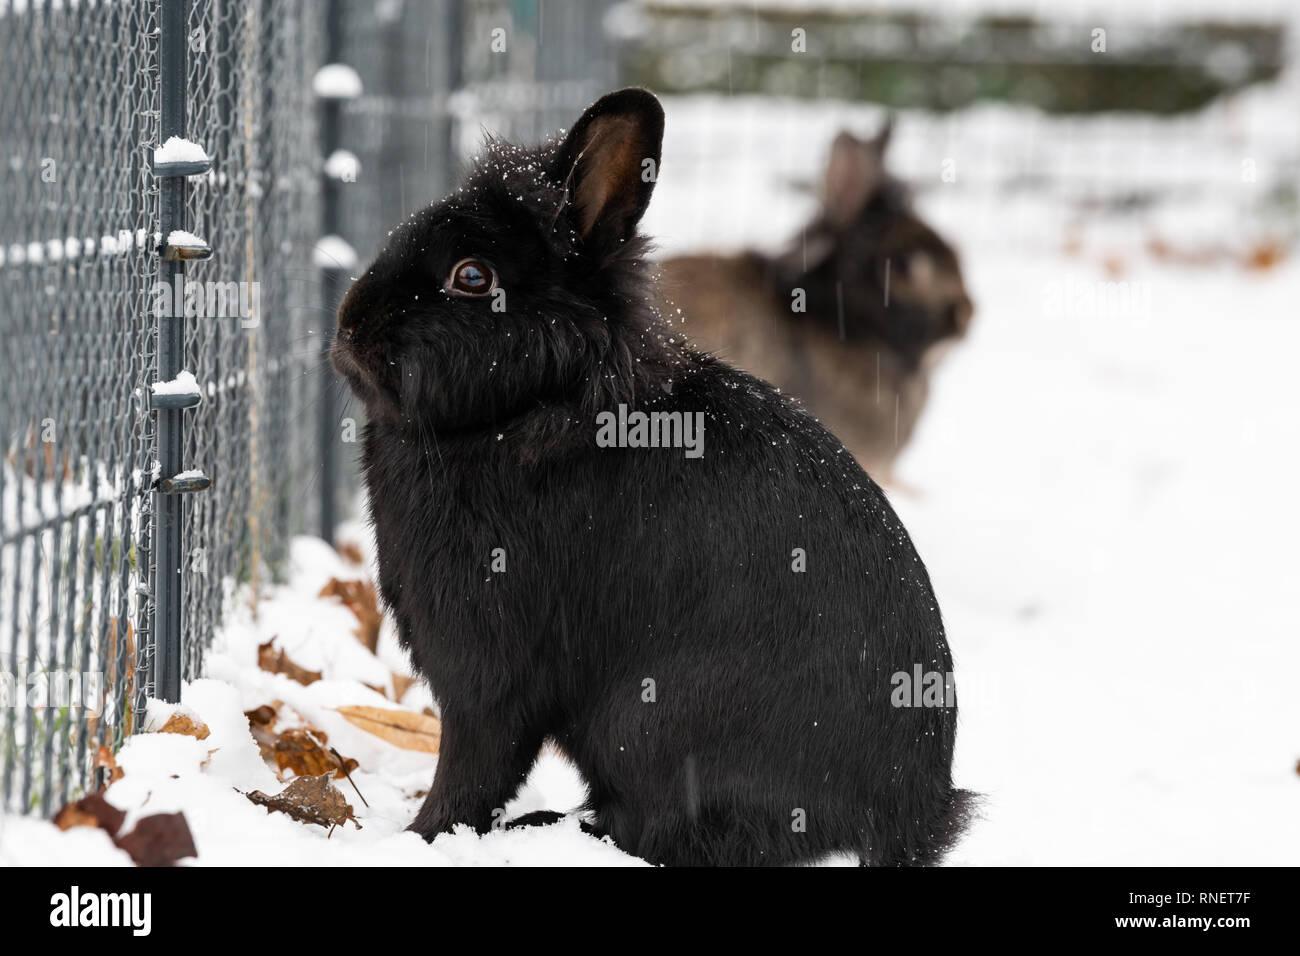 Un lapin nain noir (lions head) assis dans la neige Banque D'Images